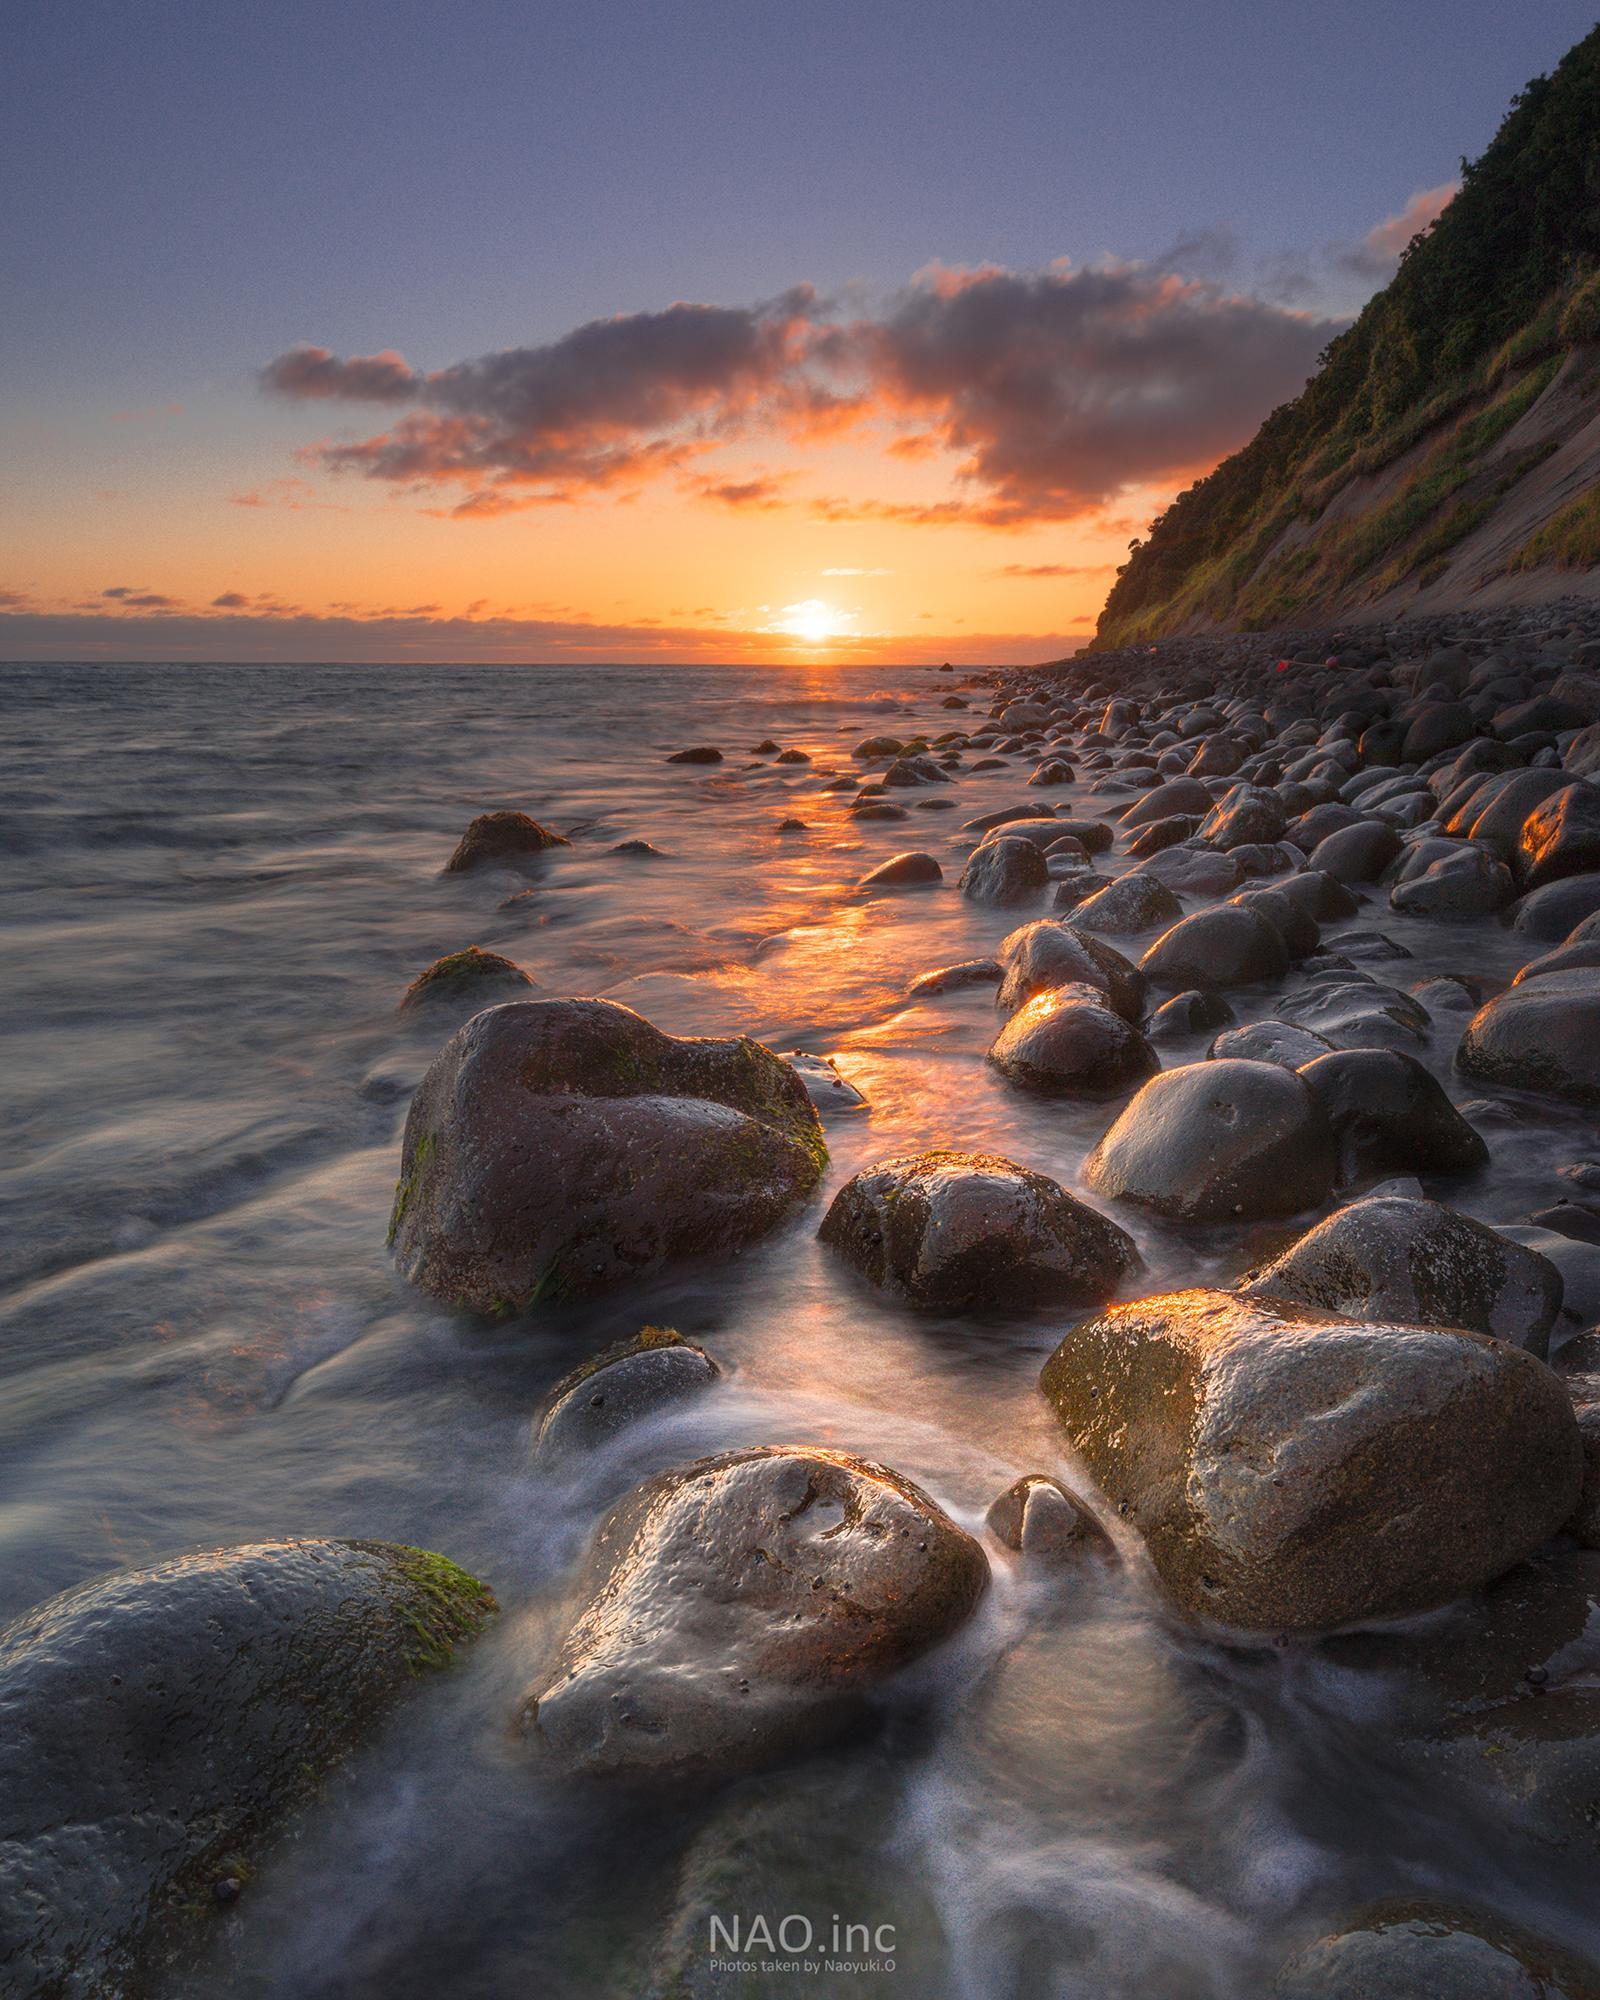 石狩市浜益区の海岸。夕日が沈む数分間だけ岩が輝く。